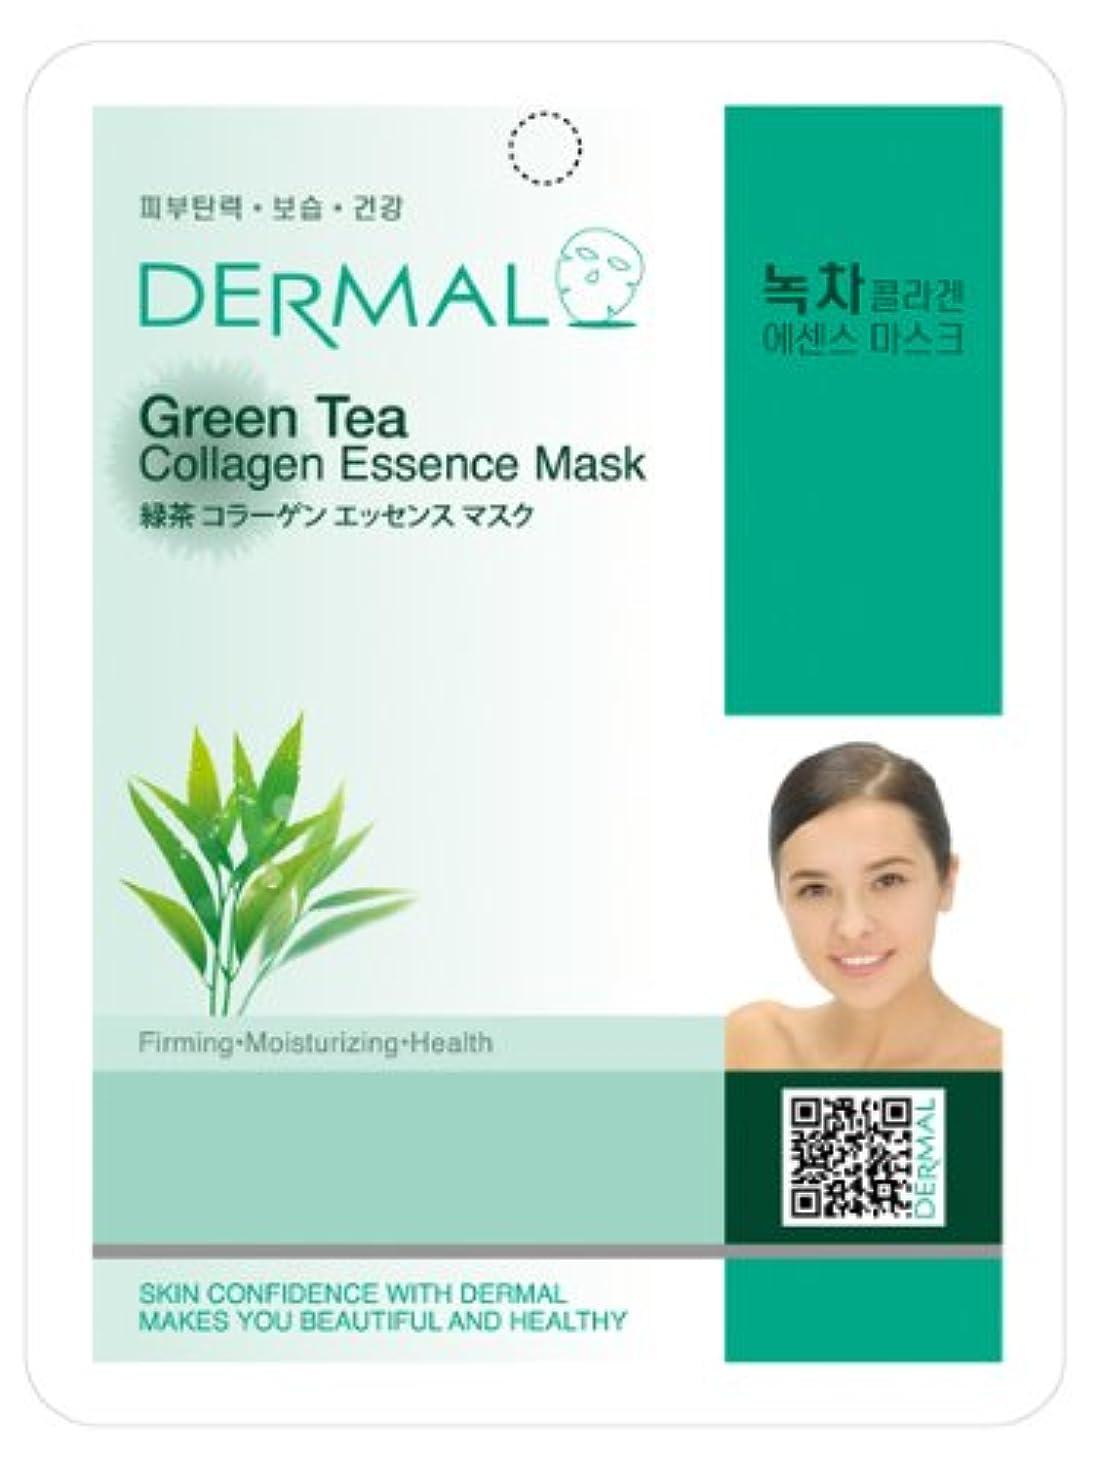 ポスト印象派習熟度拡声器シートマスク 緑茶 100枚セット ダーマル(Dermal) フェイス パック